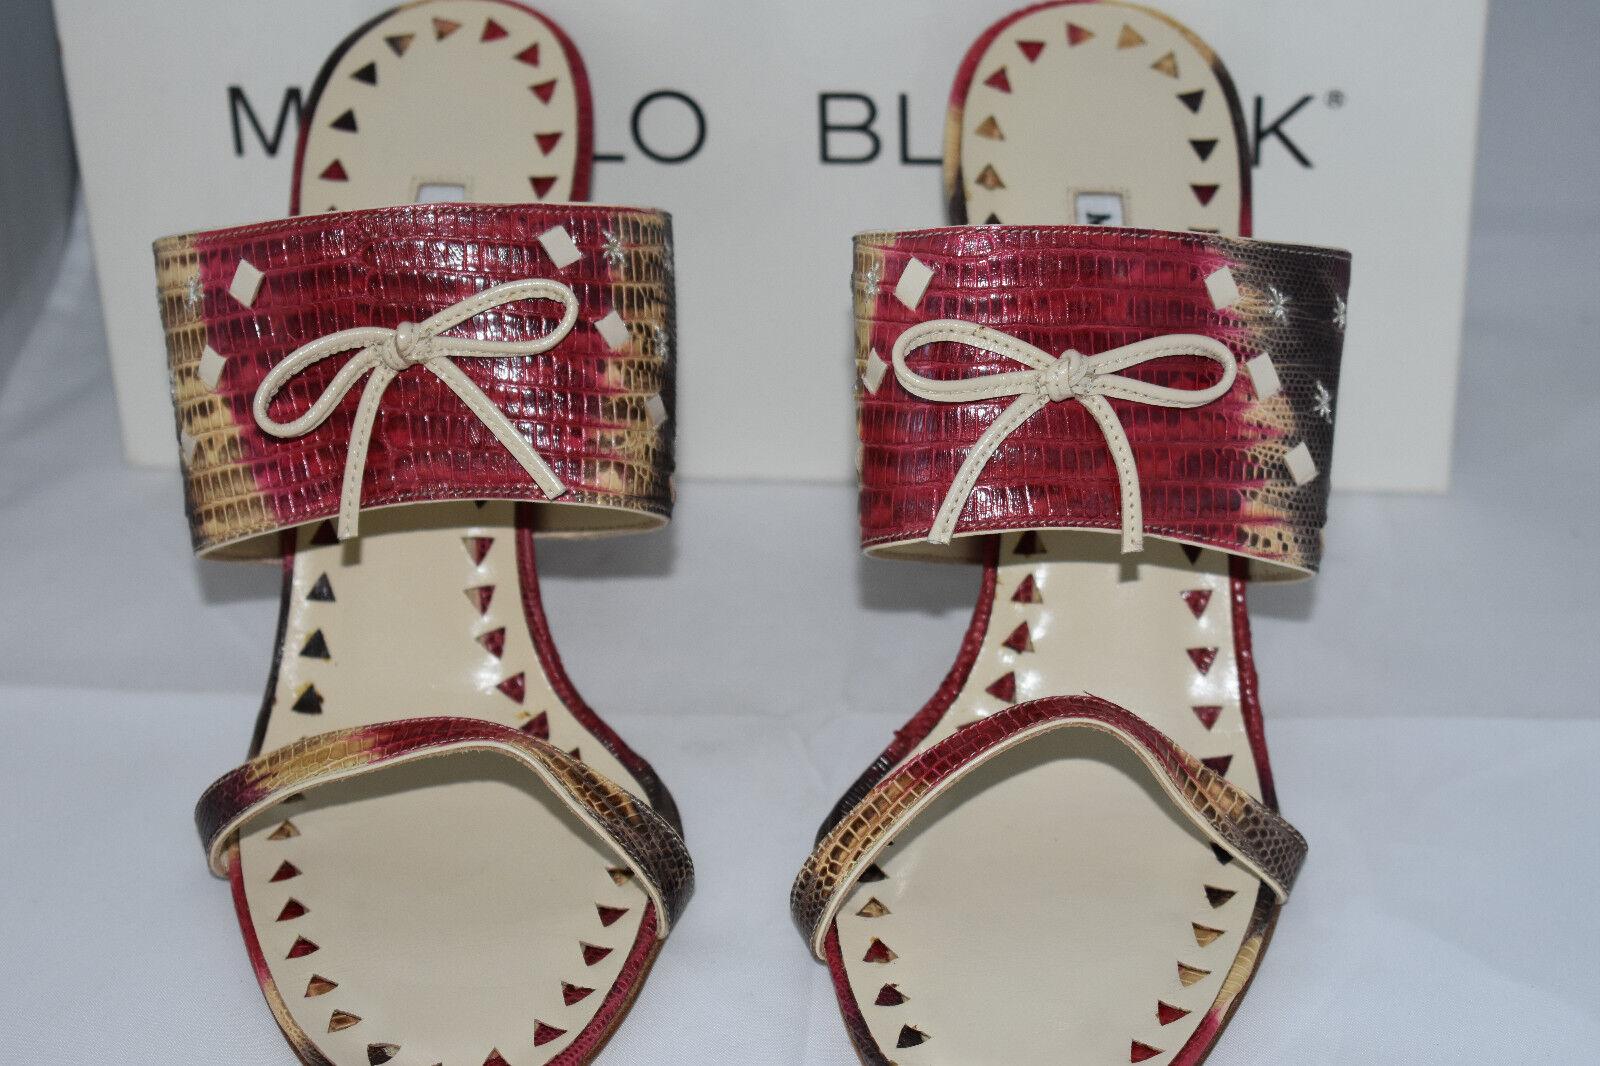 New Beige Black Red Lizard Leather MANOLO BLAHNIK MBULUNY TEJUS Sandals 39